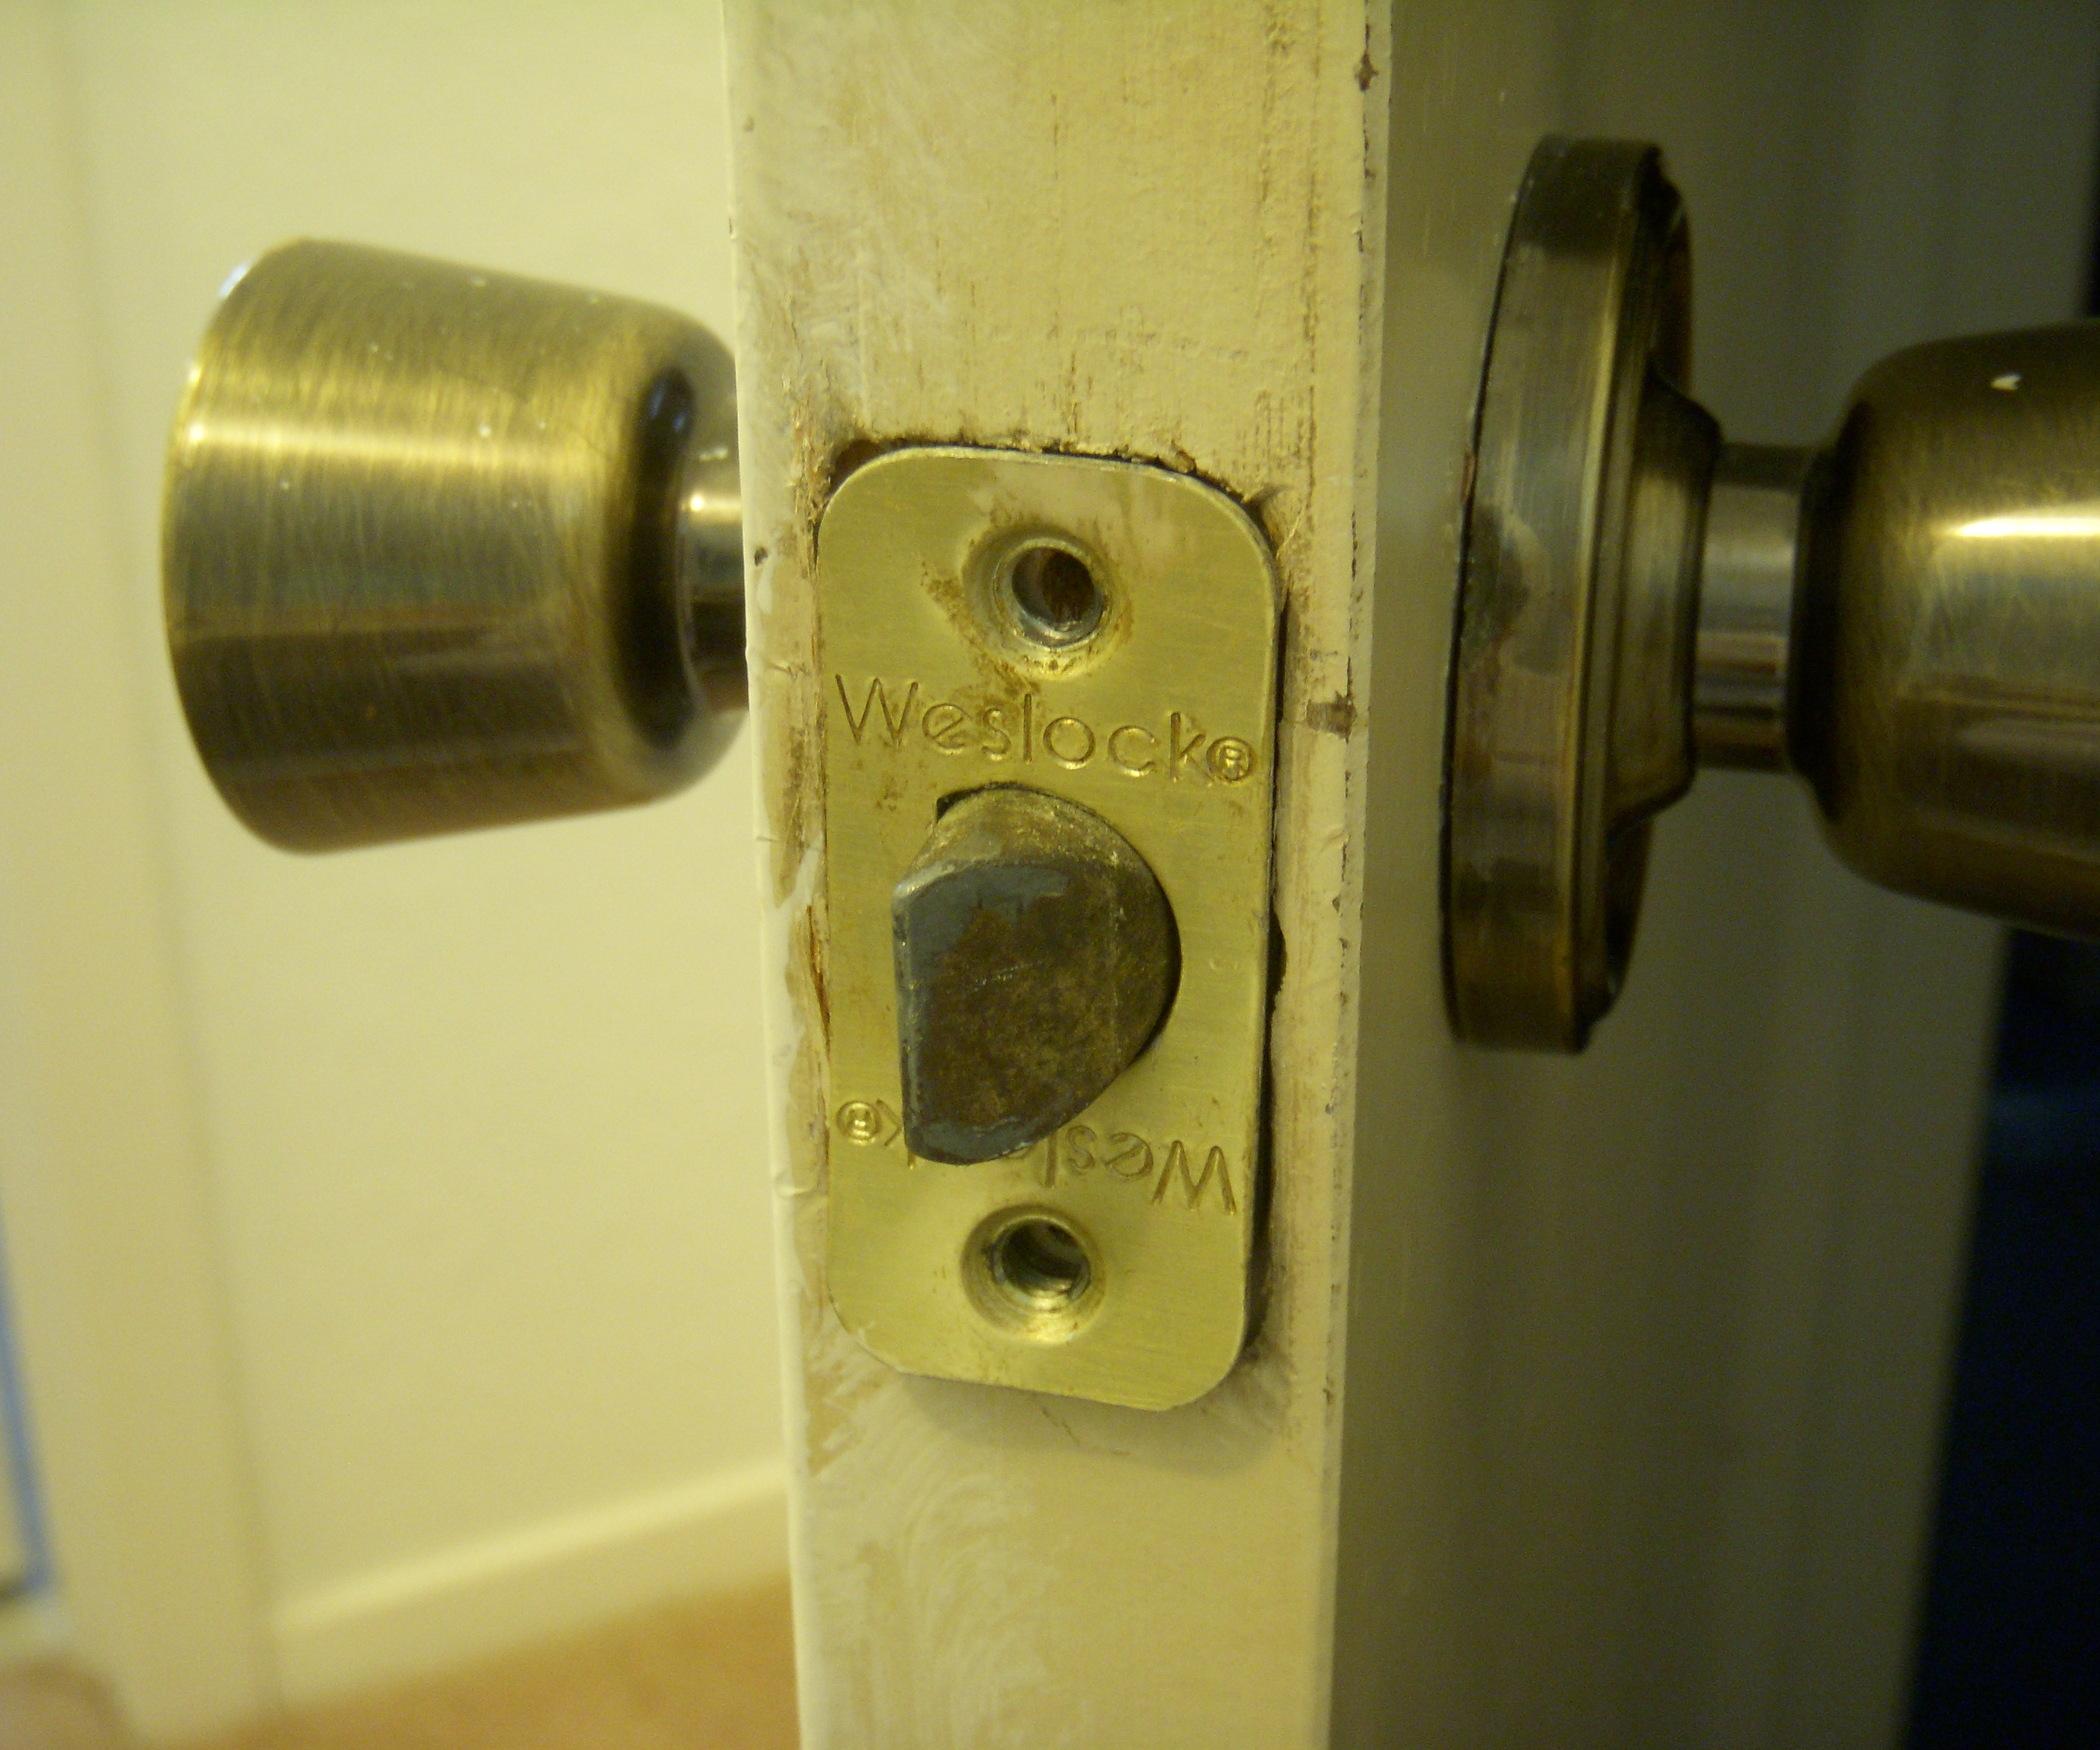 weslock door knob removal photo - 4